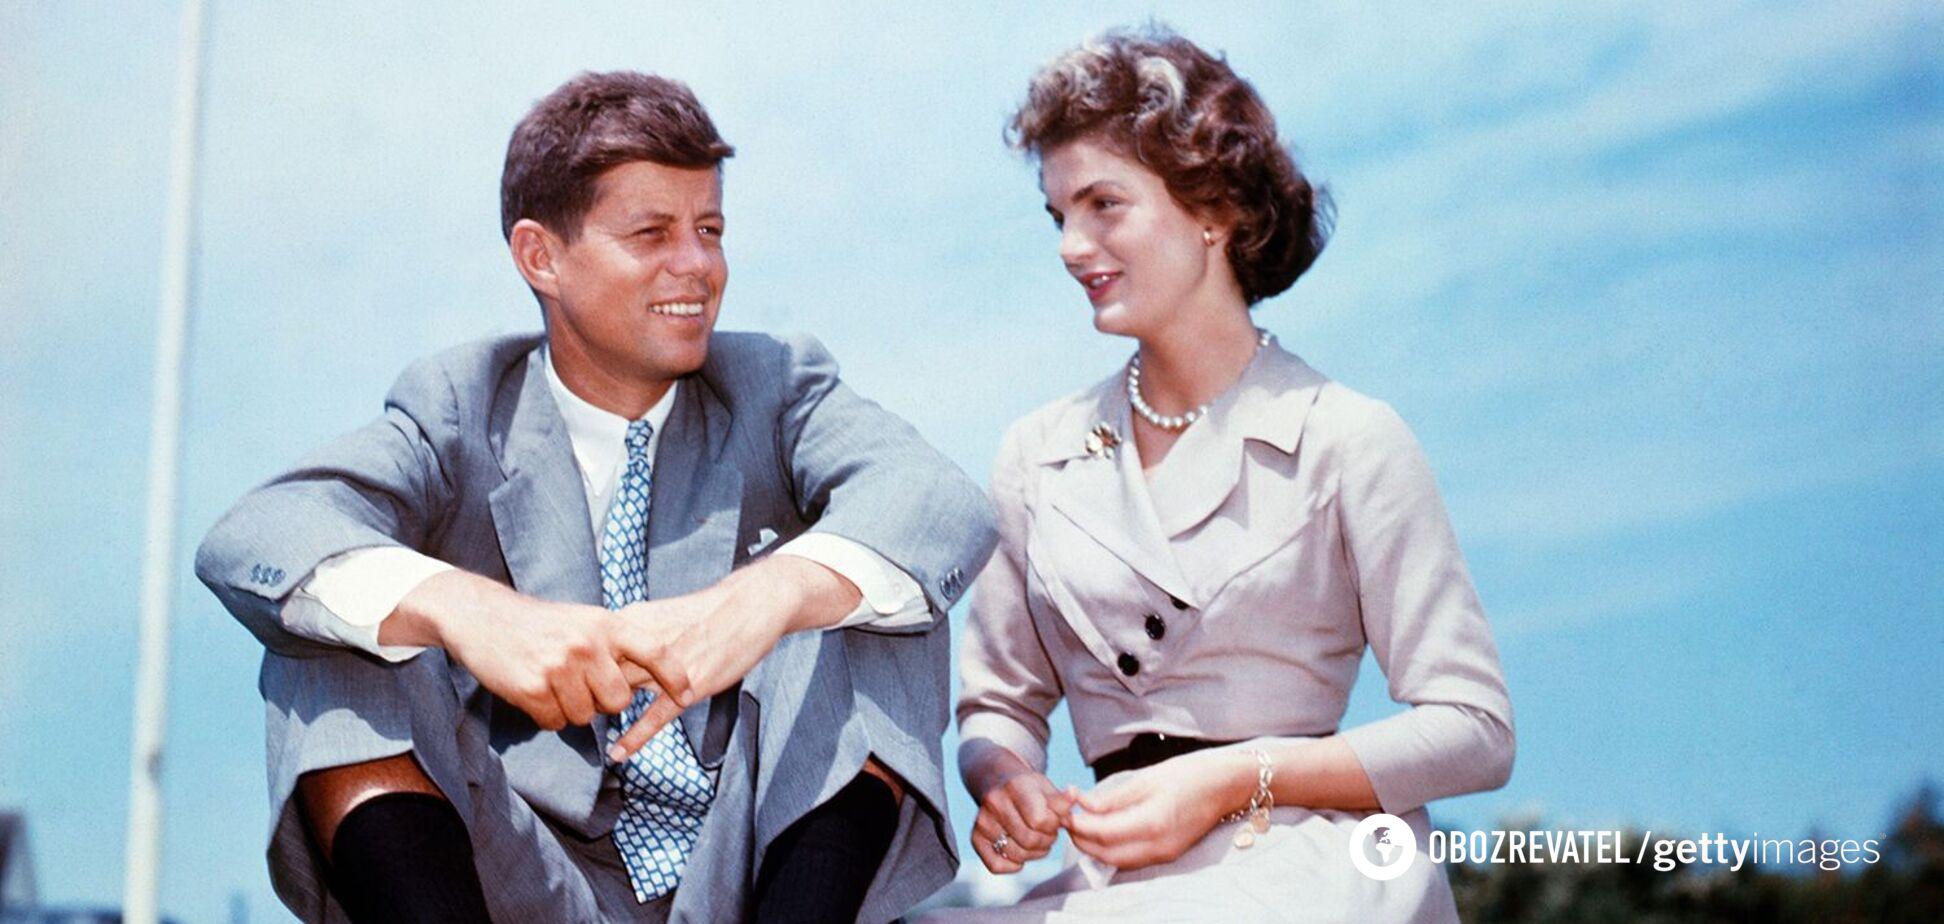 Джон Кеннеди встречался с девушкой на 20 лет моложе него